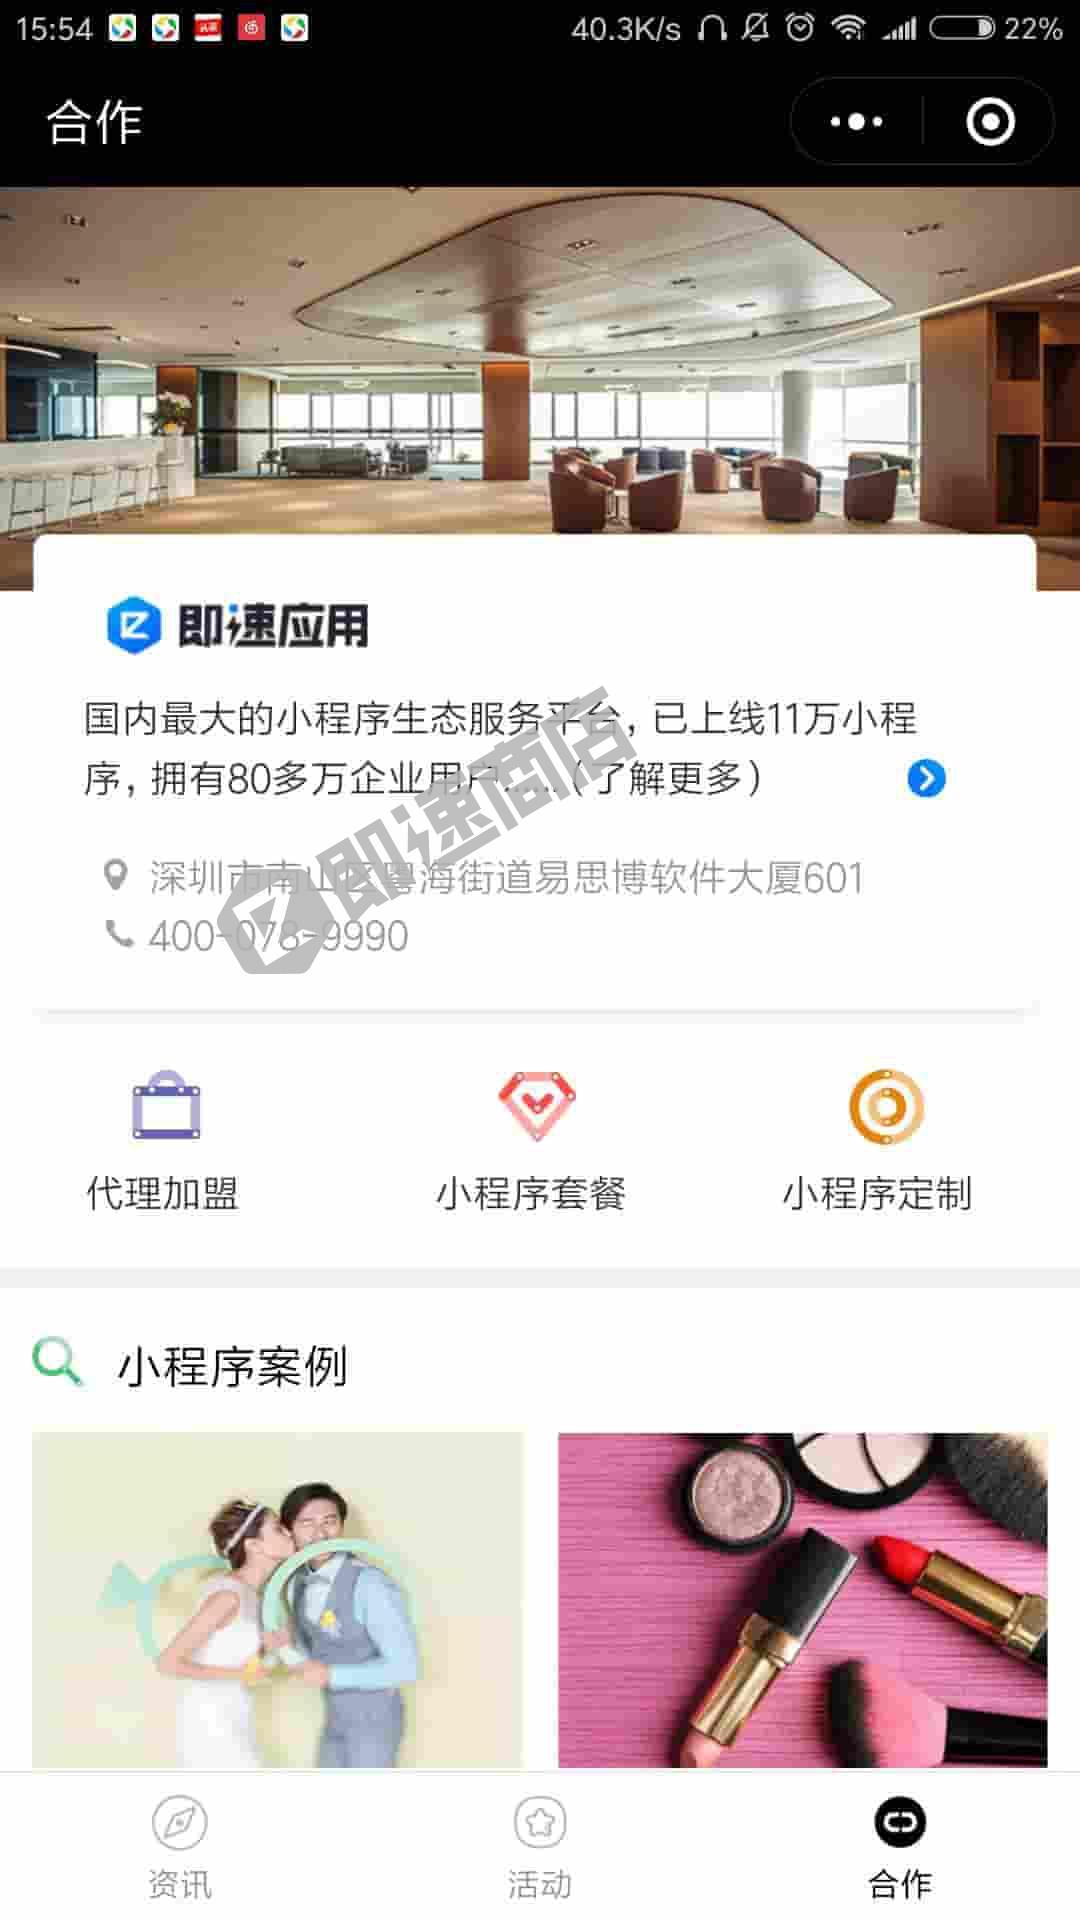 华意菲东方国际大酒店小程序首页截图